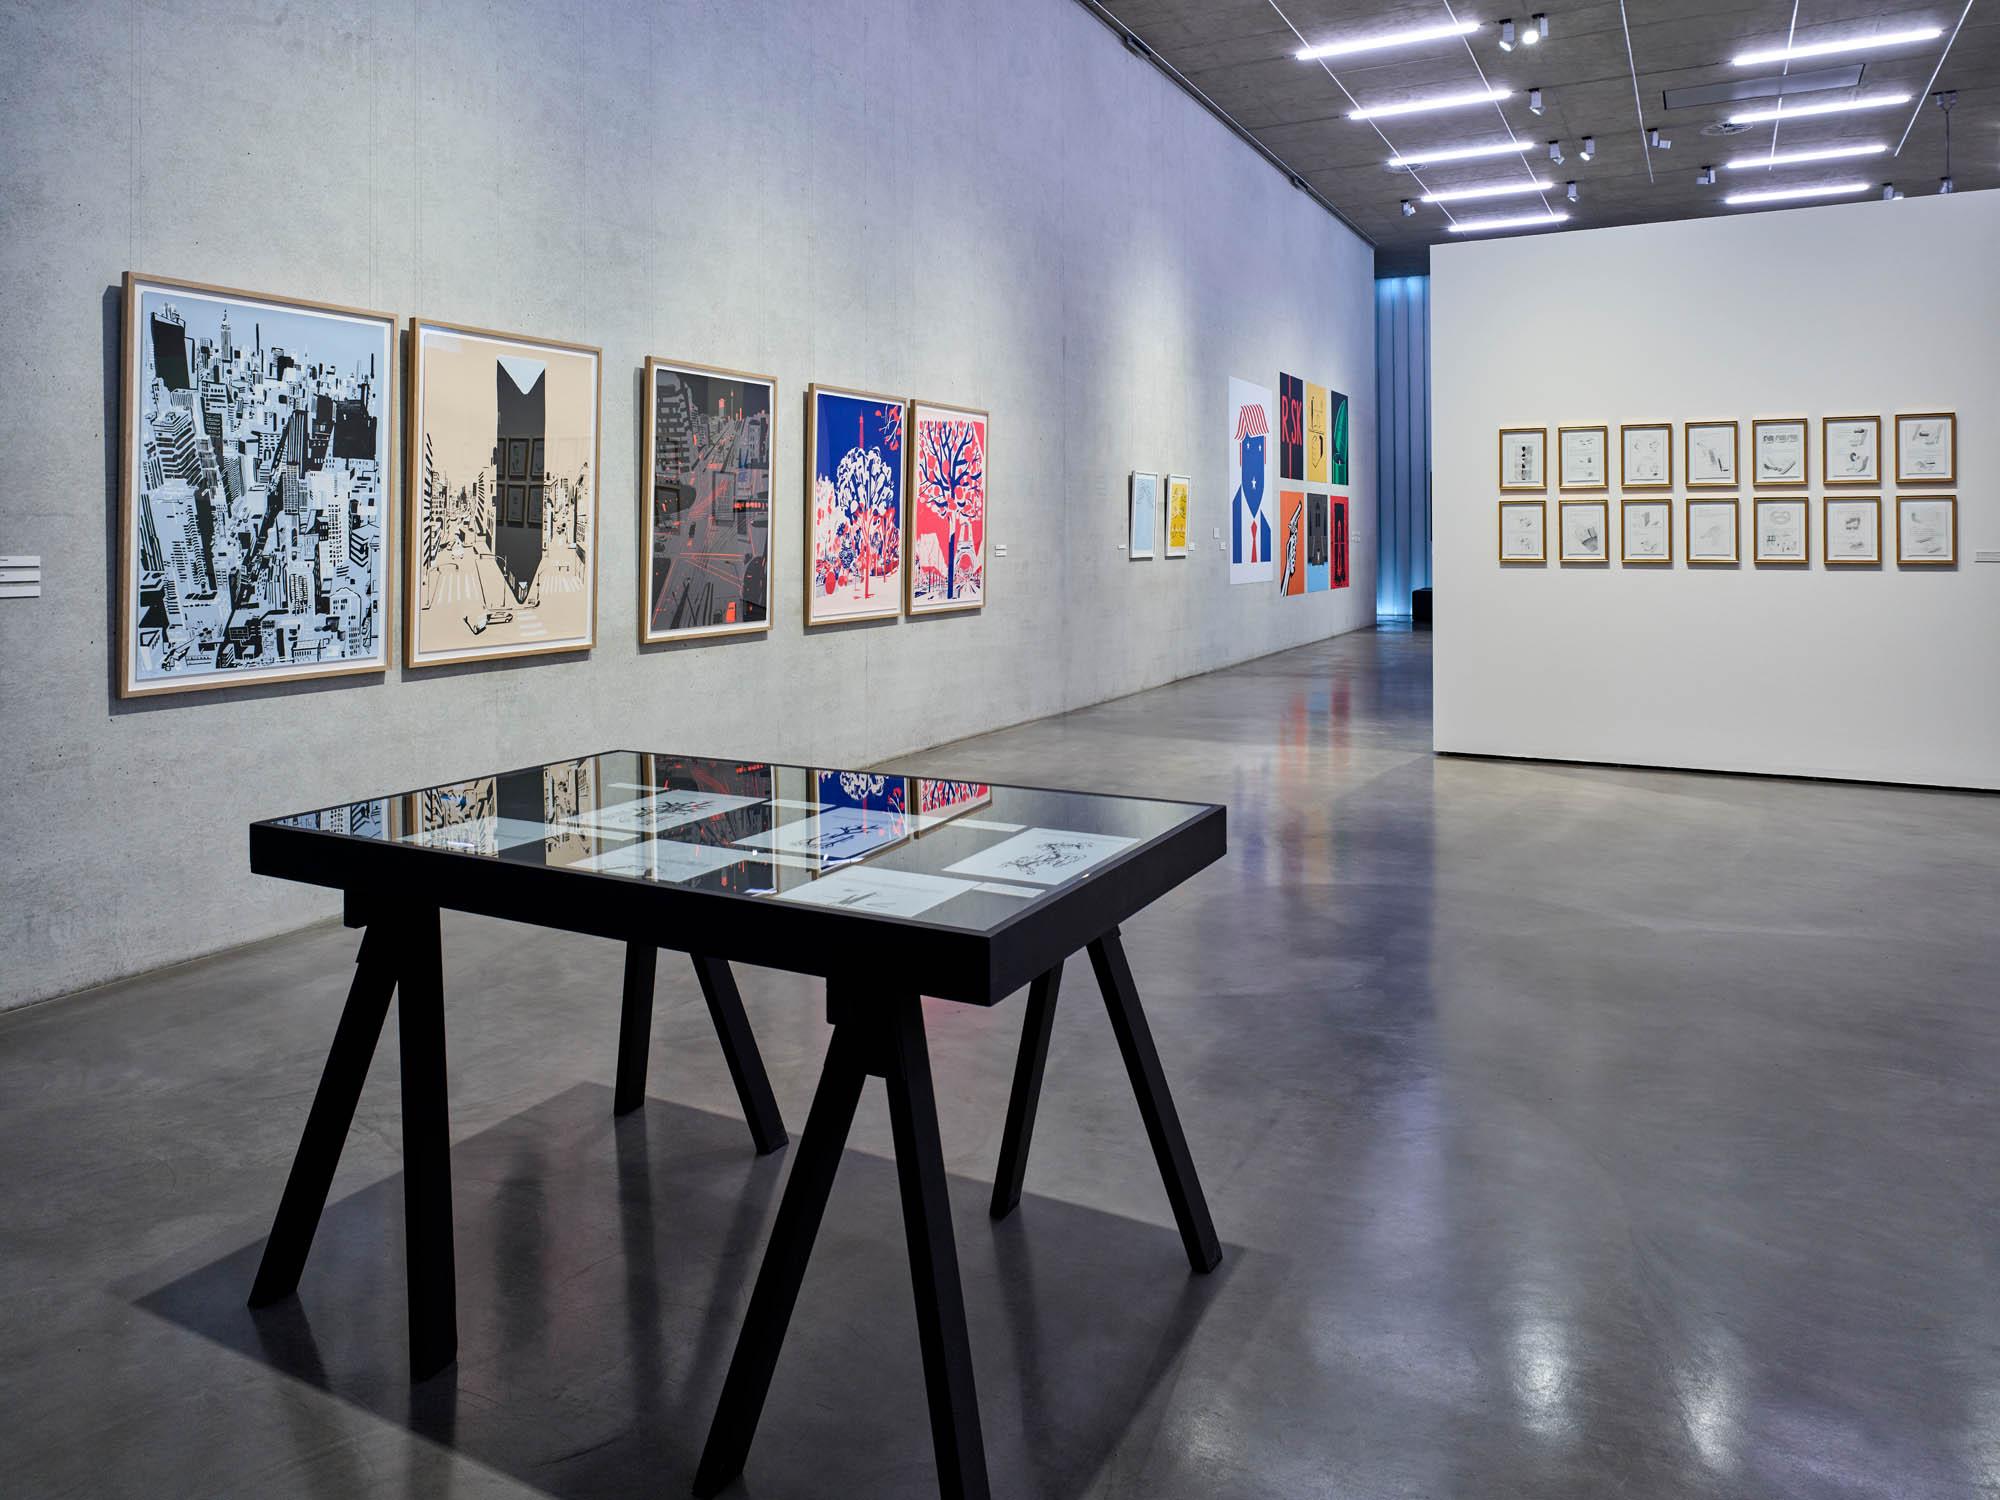 OPP170714  16650 - Galerie Stihl Waiblingen: Modern Times